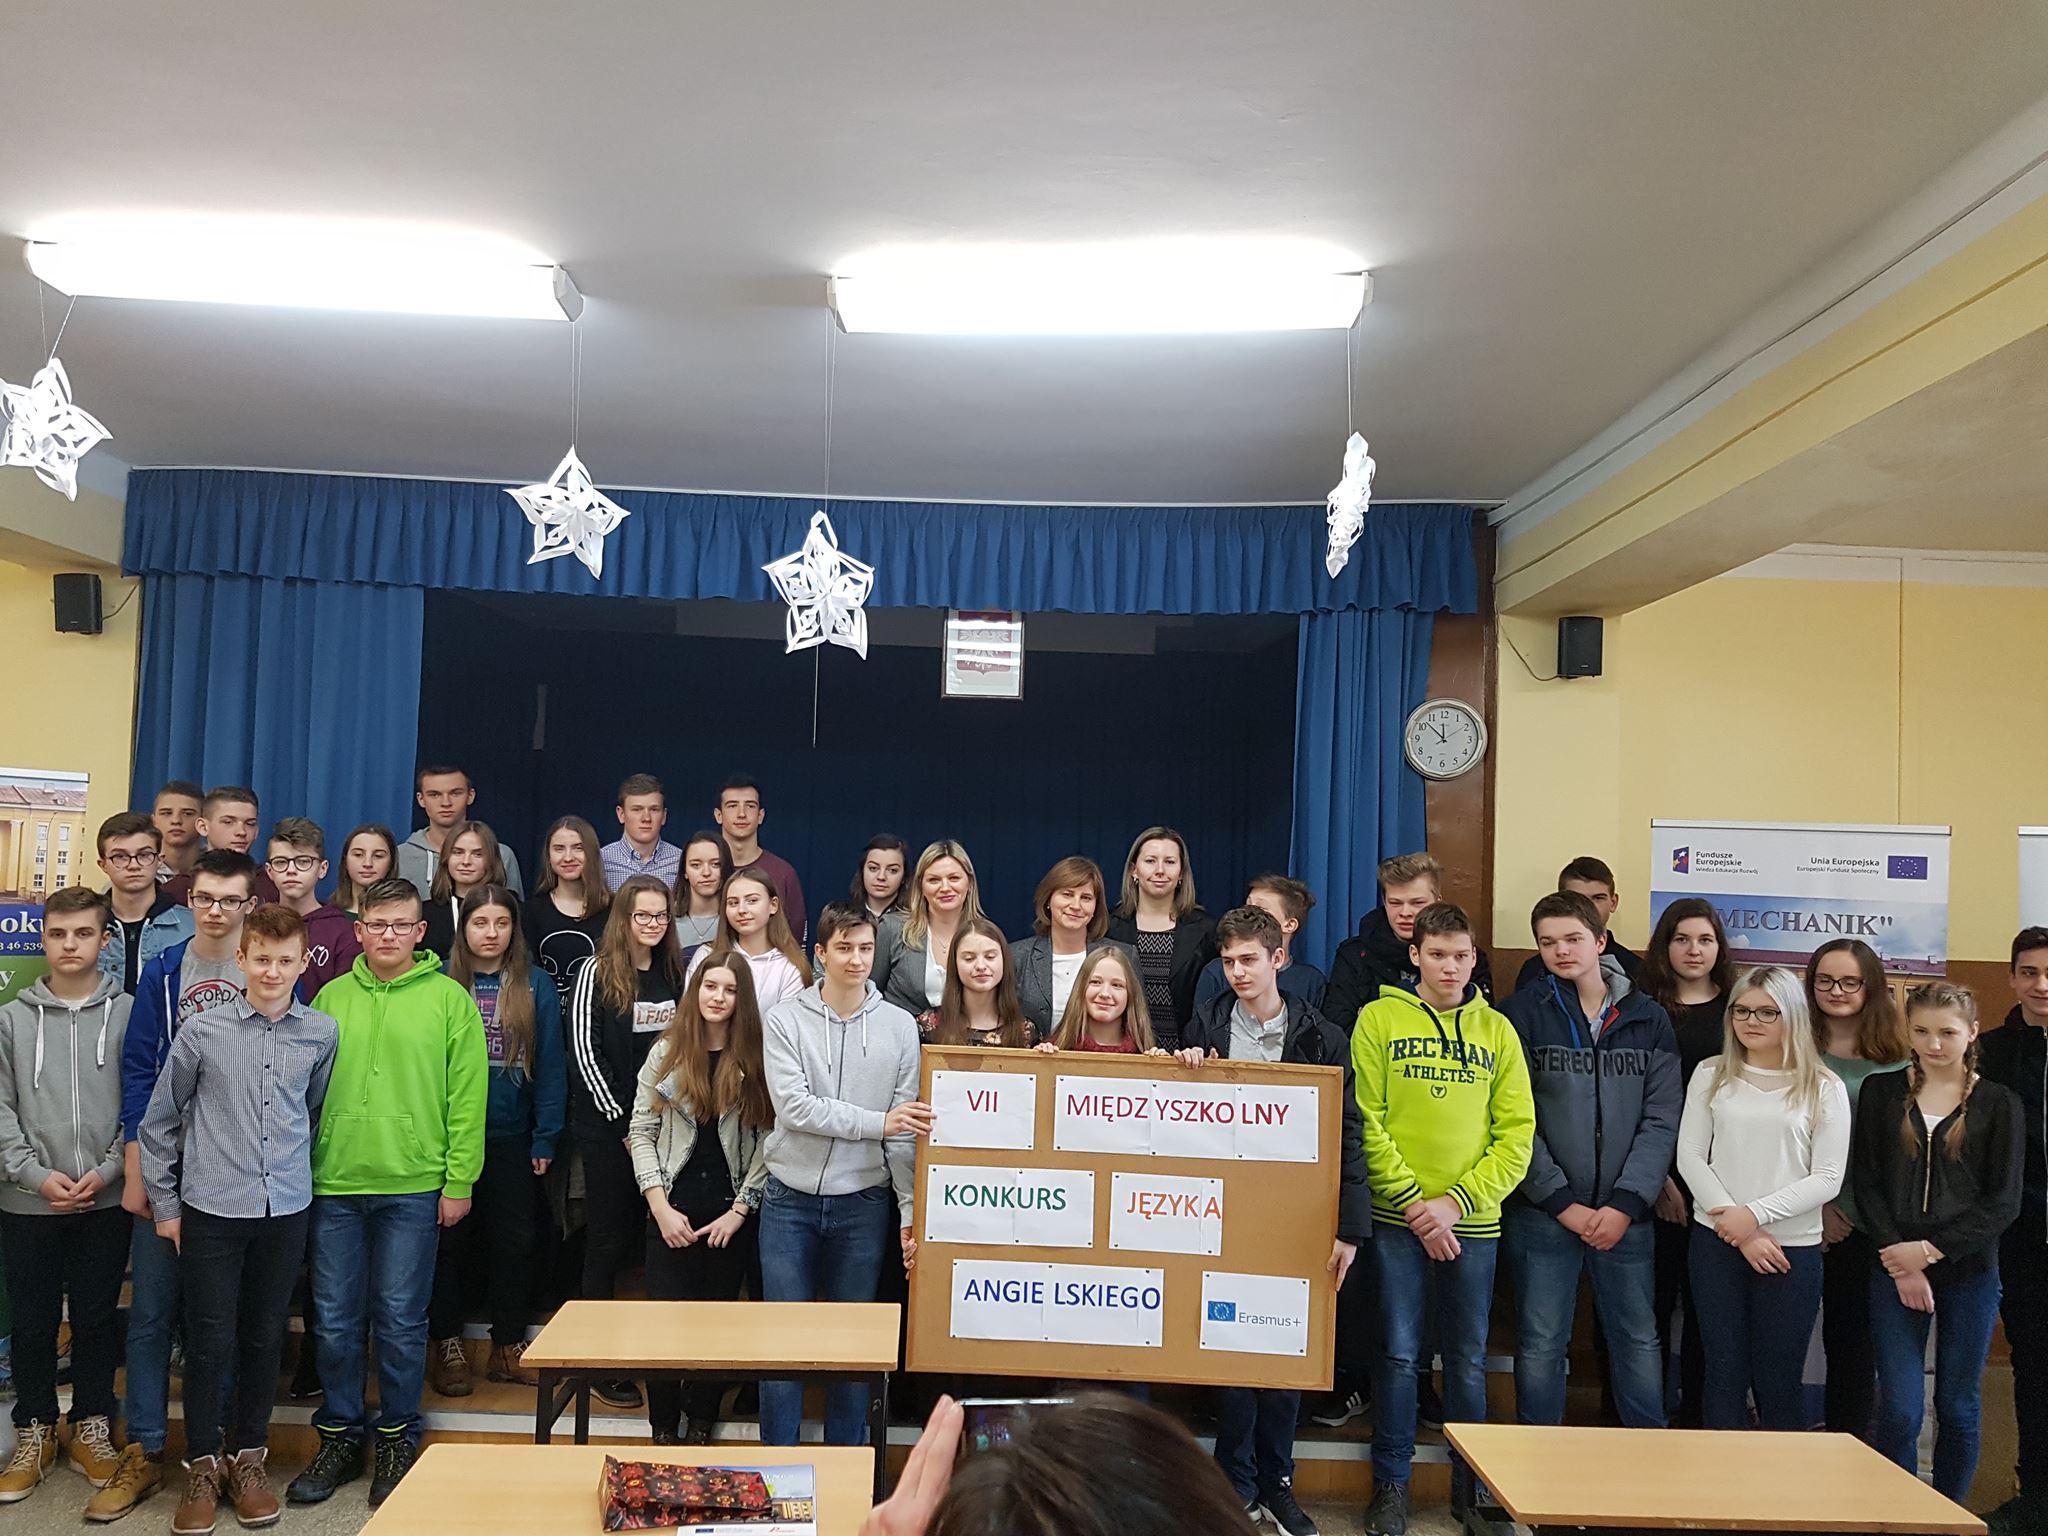 VII Międzyszkolny Konkurs Języka Angielskiego Technicznego dla gimnazjalistów - Zdjęcie główne